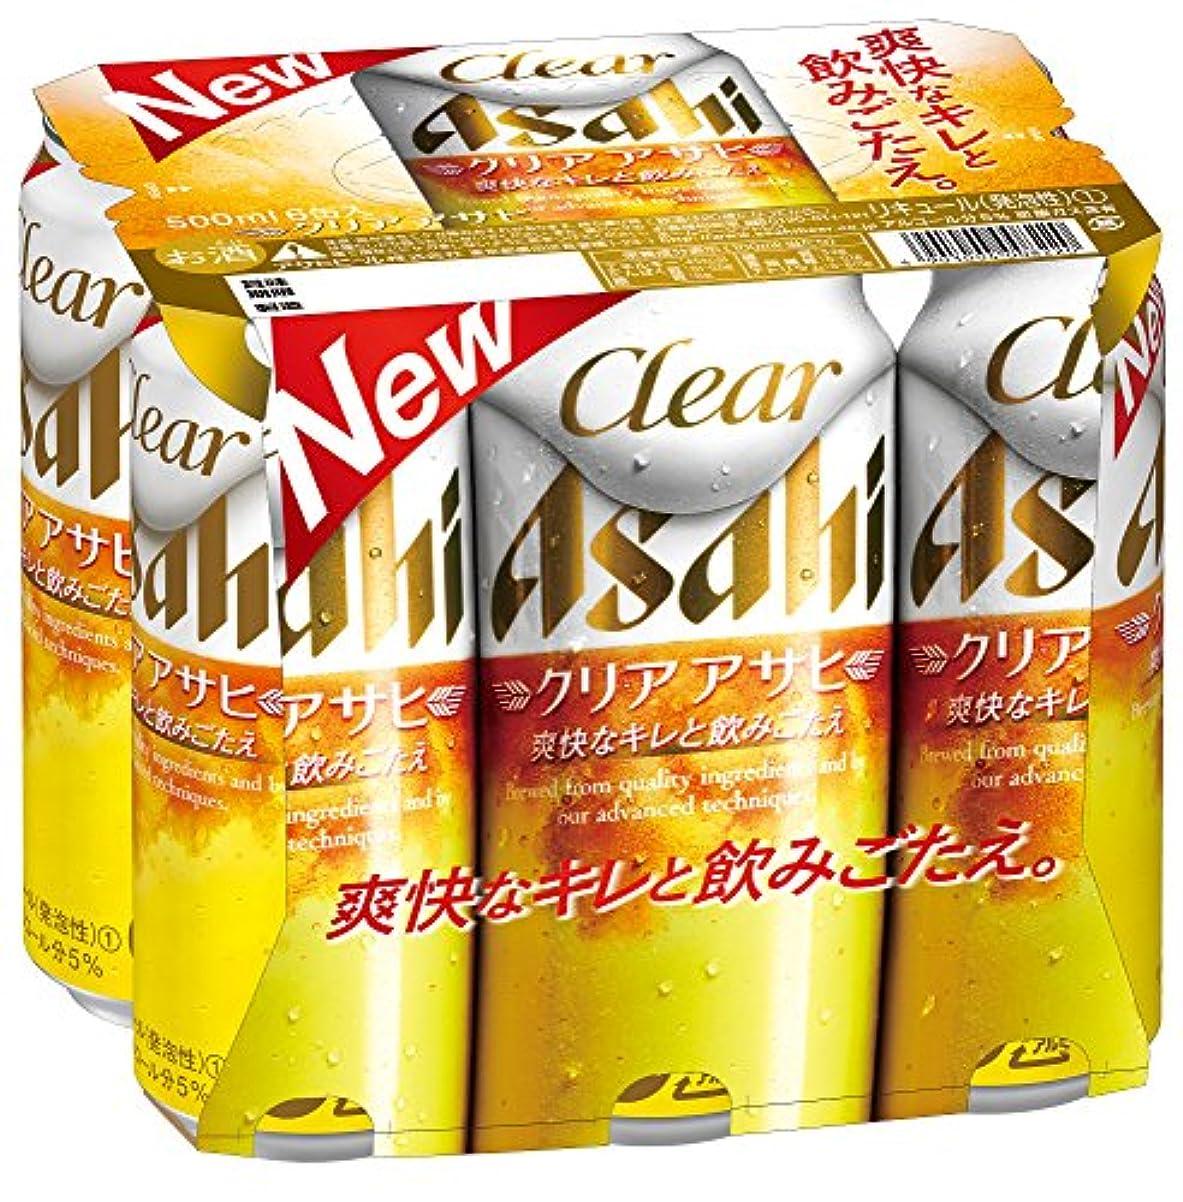 いちゃつく移植サーバアサヒ クリアアサヒ 500ml 6缶